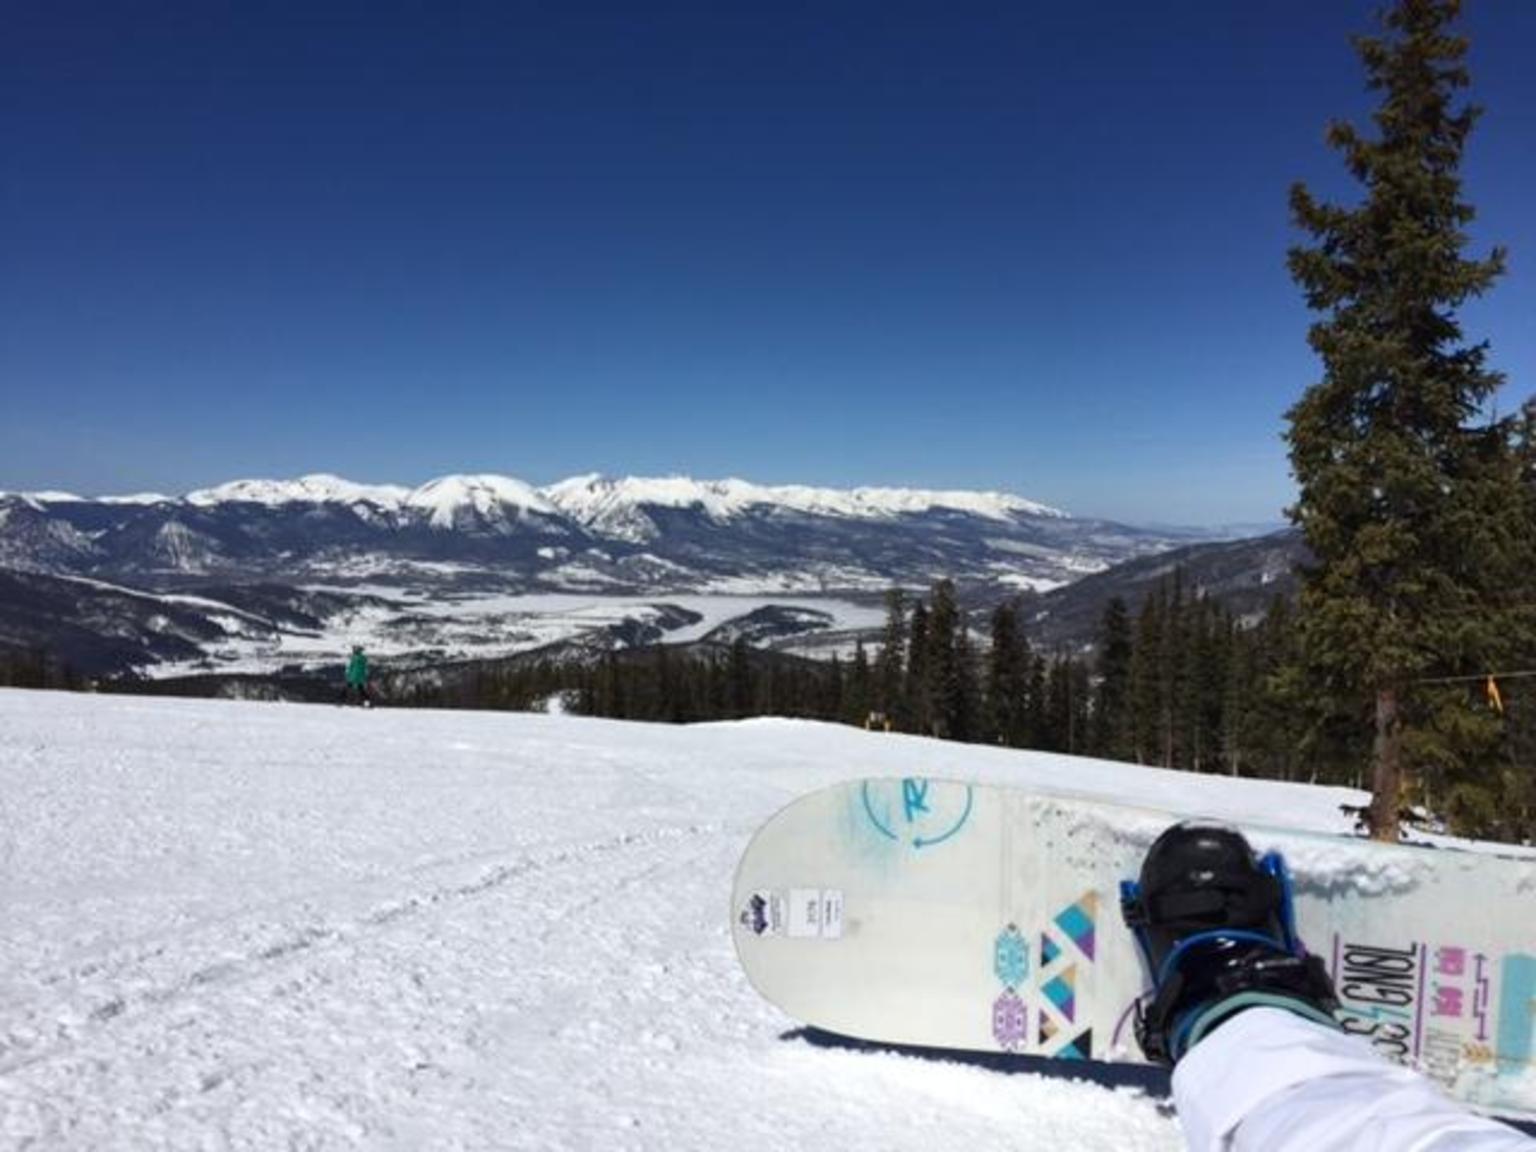 MÁS FOTOS, Breckenridge Premium Snowboard Rental Including Delivery